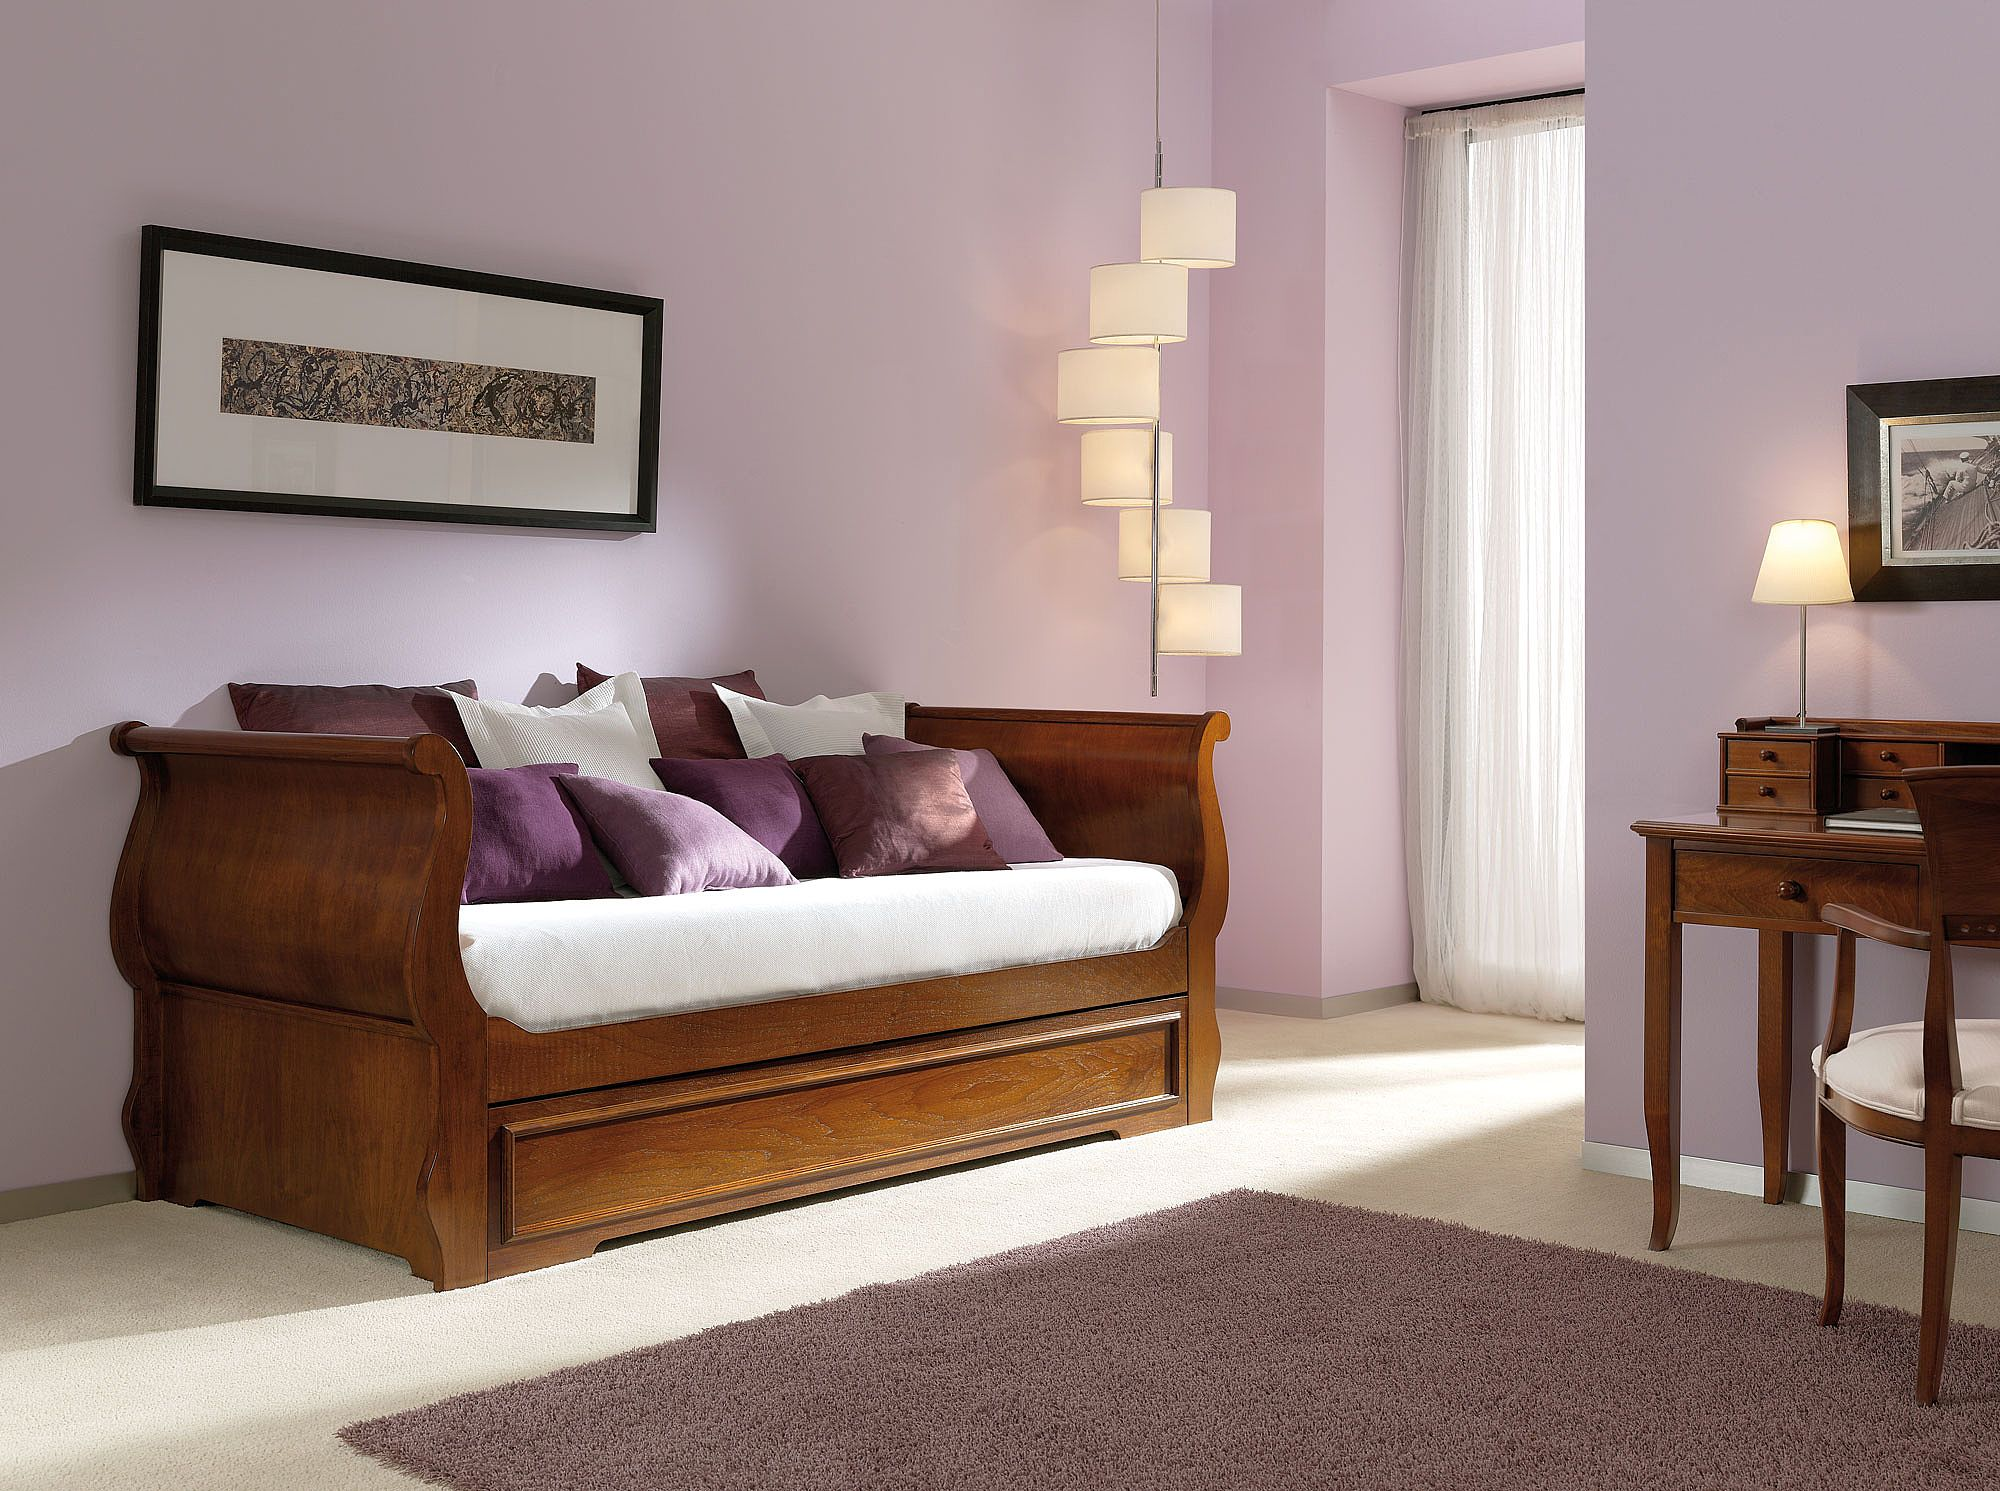 Cama nido bicama en nogal alta decoraci n for Decoracion de interiores clasico elegante